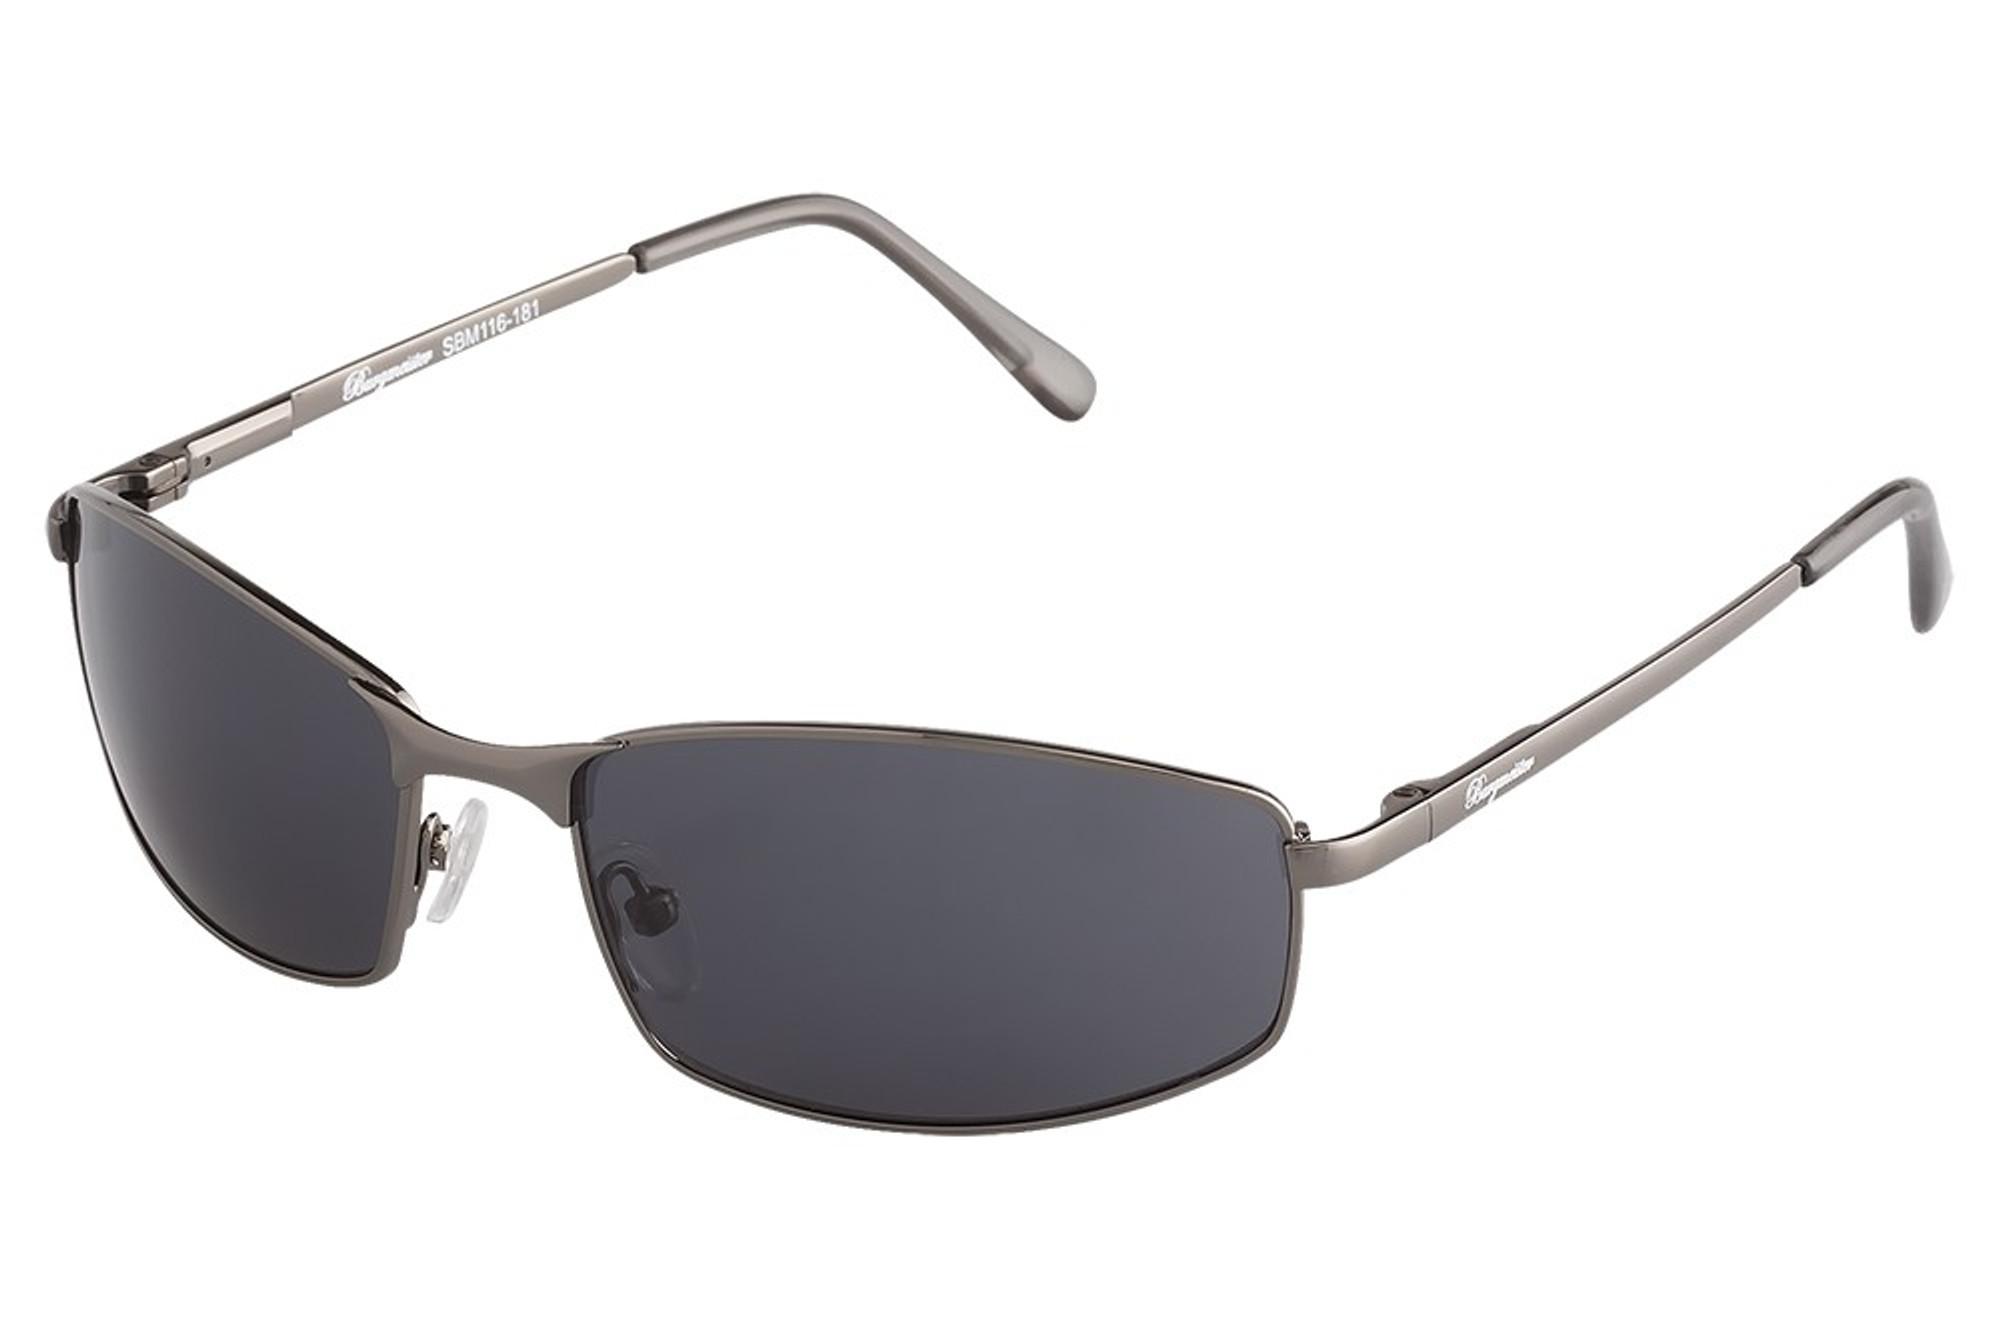 Burgmeister Klassische Marken Sonnenbrille für Herren 100% UV Schutz Ow52pqWV